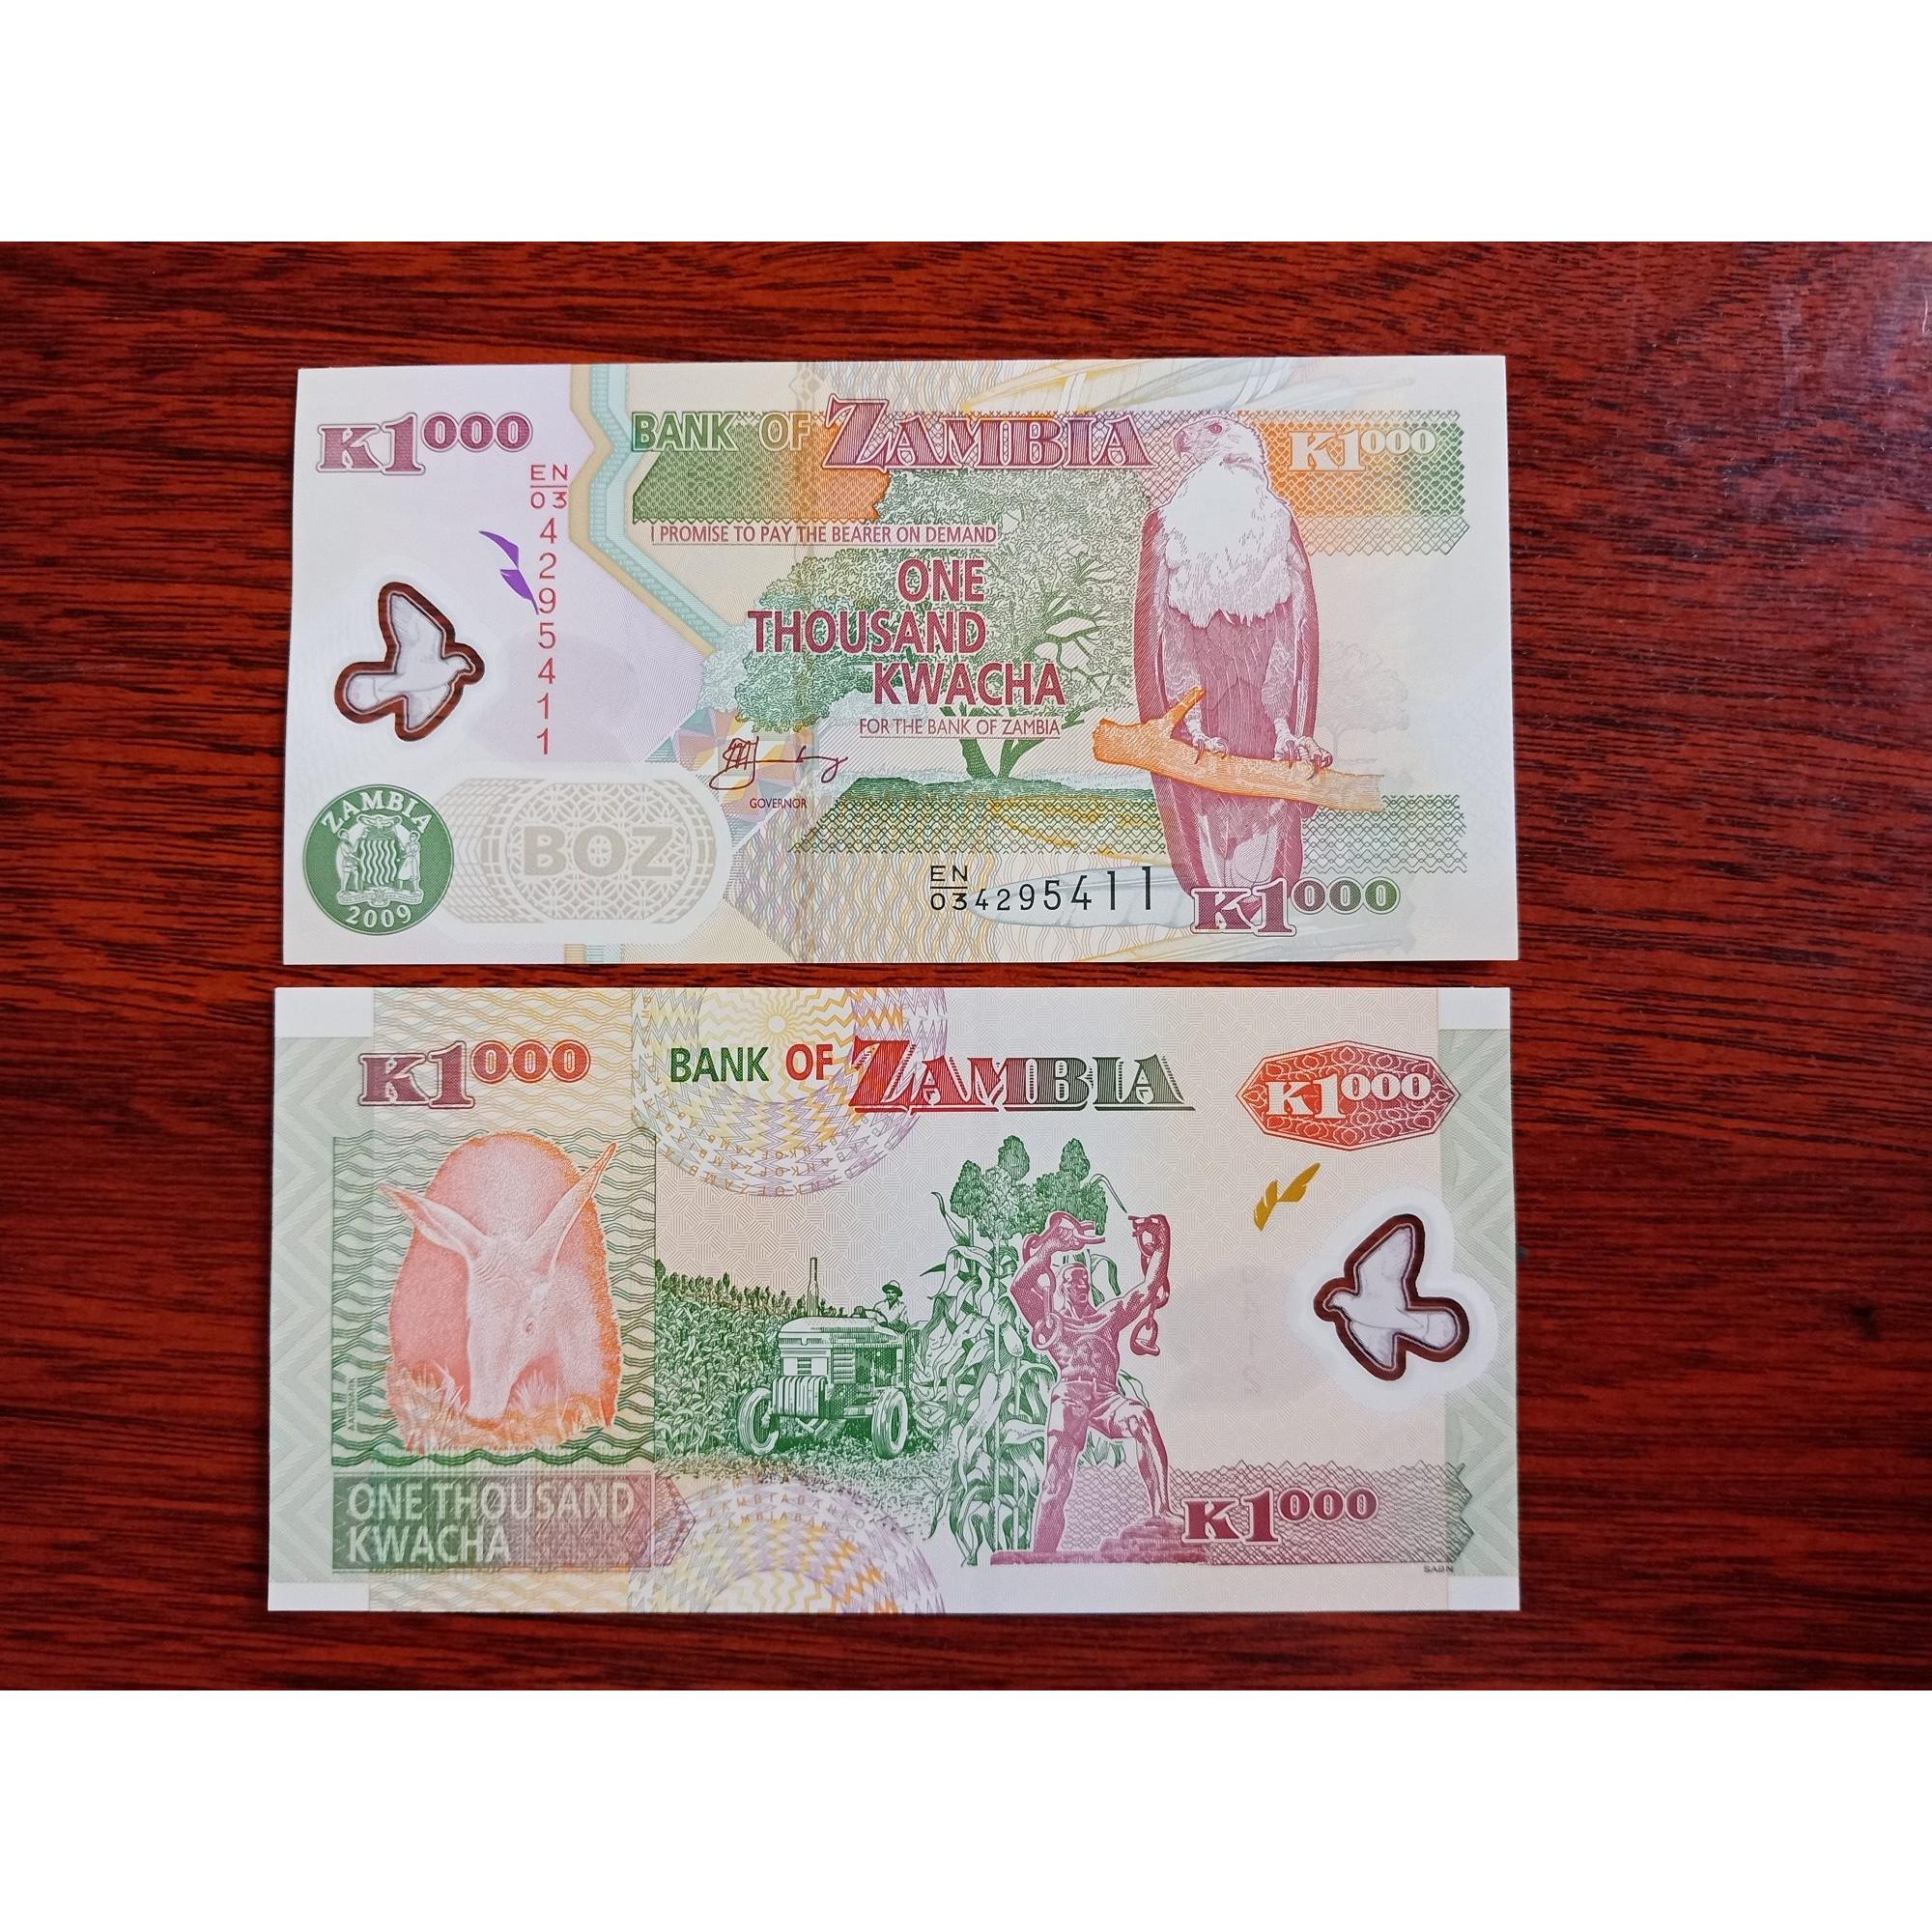 Tờ tiền Zambia 1000 Kwacha bằng polyme xưa hình chú chim tuyệt đẹp, mới 100% - kèm bao lì xì